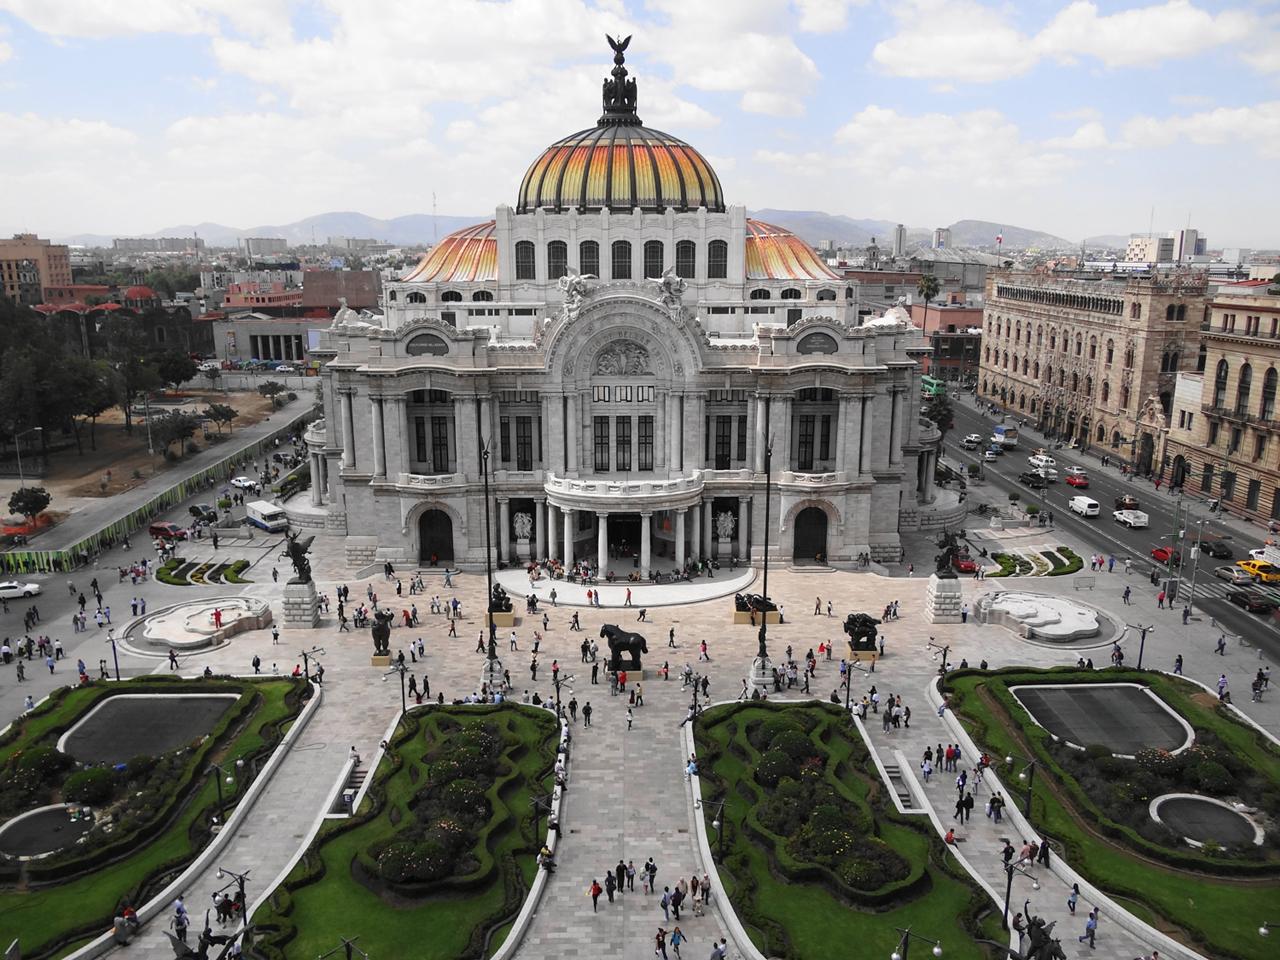 Vivir en mexico df con ni os peque os comentario de for Palacio de los azulejos mexico